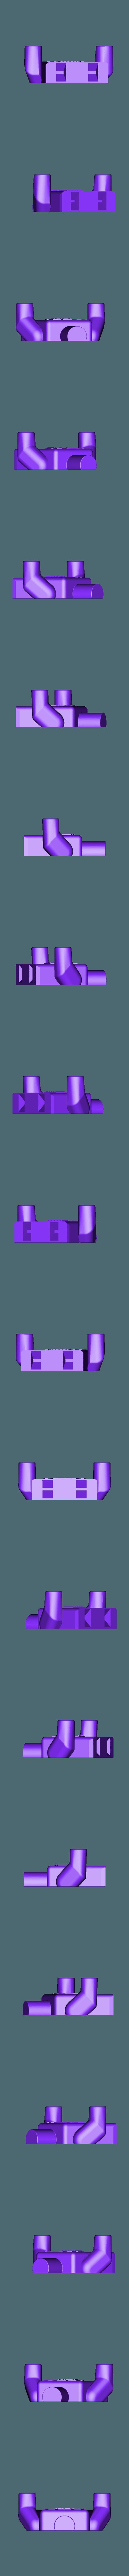 Vador_Body.stl Télécharger fichier STL gratuit Dark Vador géant Porte-légo en papier toilette • Design à imprimer en 3D, laurentpruvot59